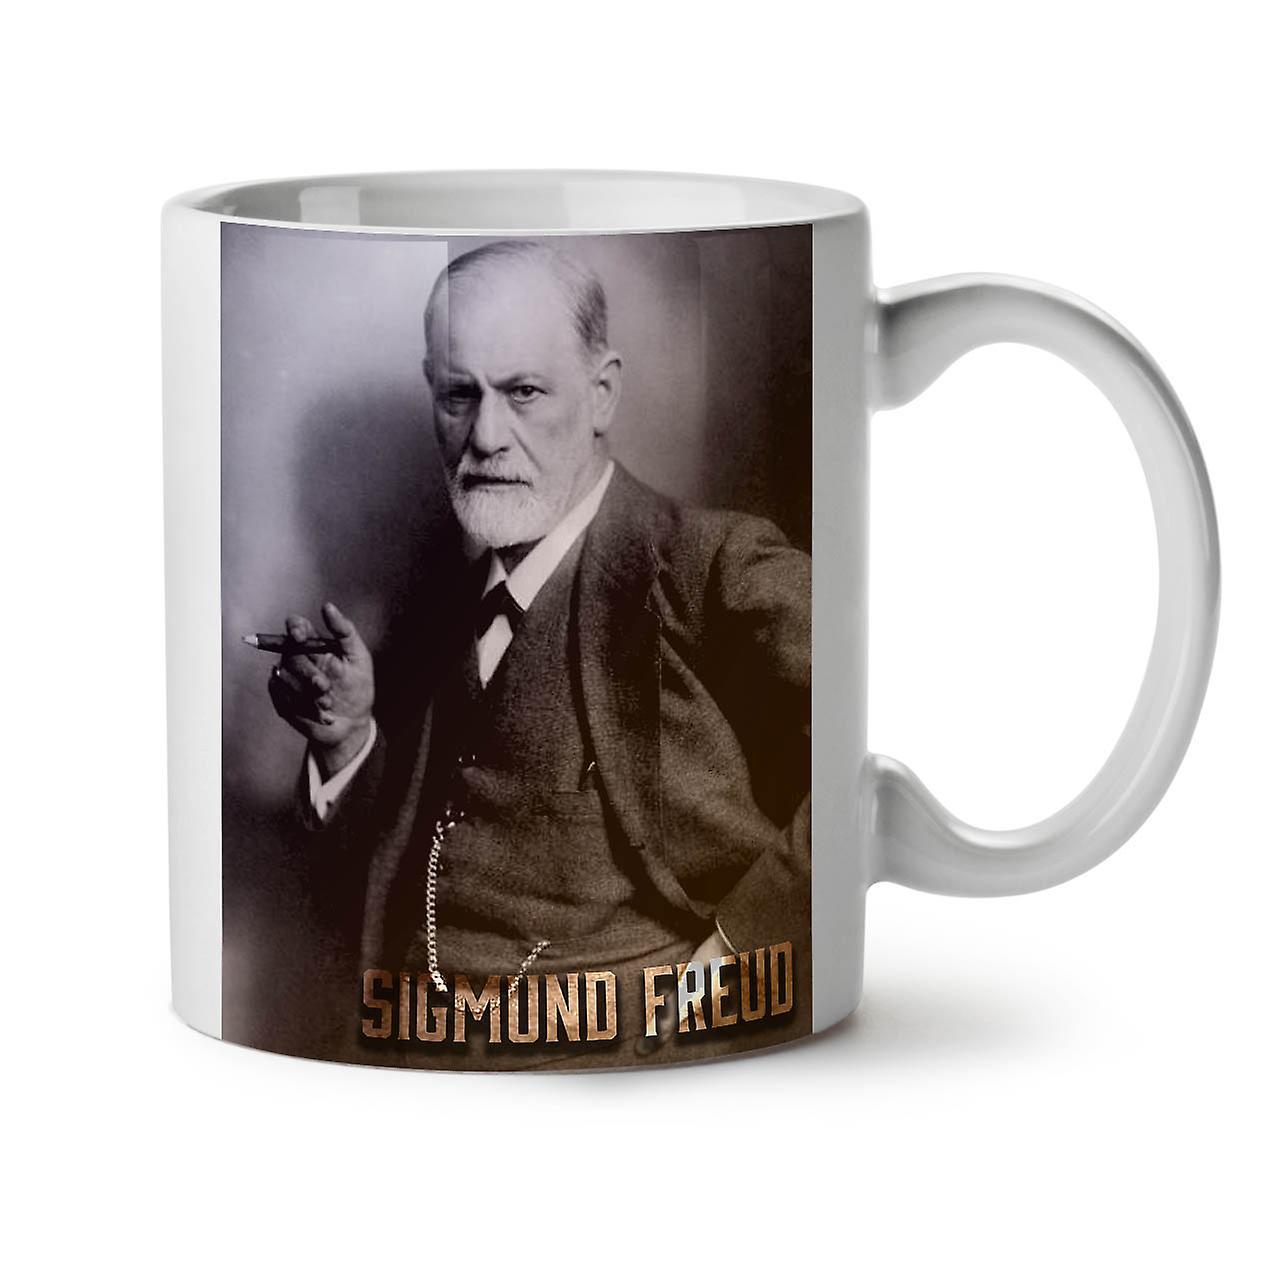 Nouveau Sigmund Thé Blanc OzWellcoda Tasse 11 Céramique Freud Café tsCrdhQ